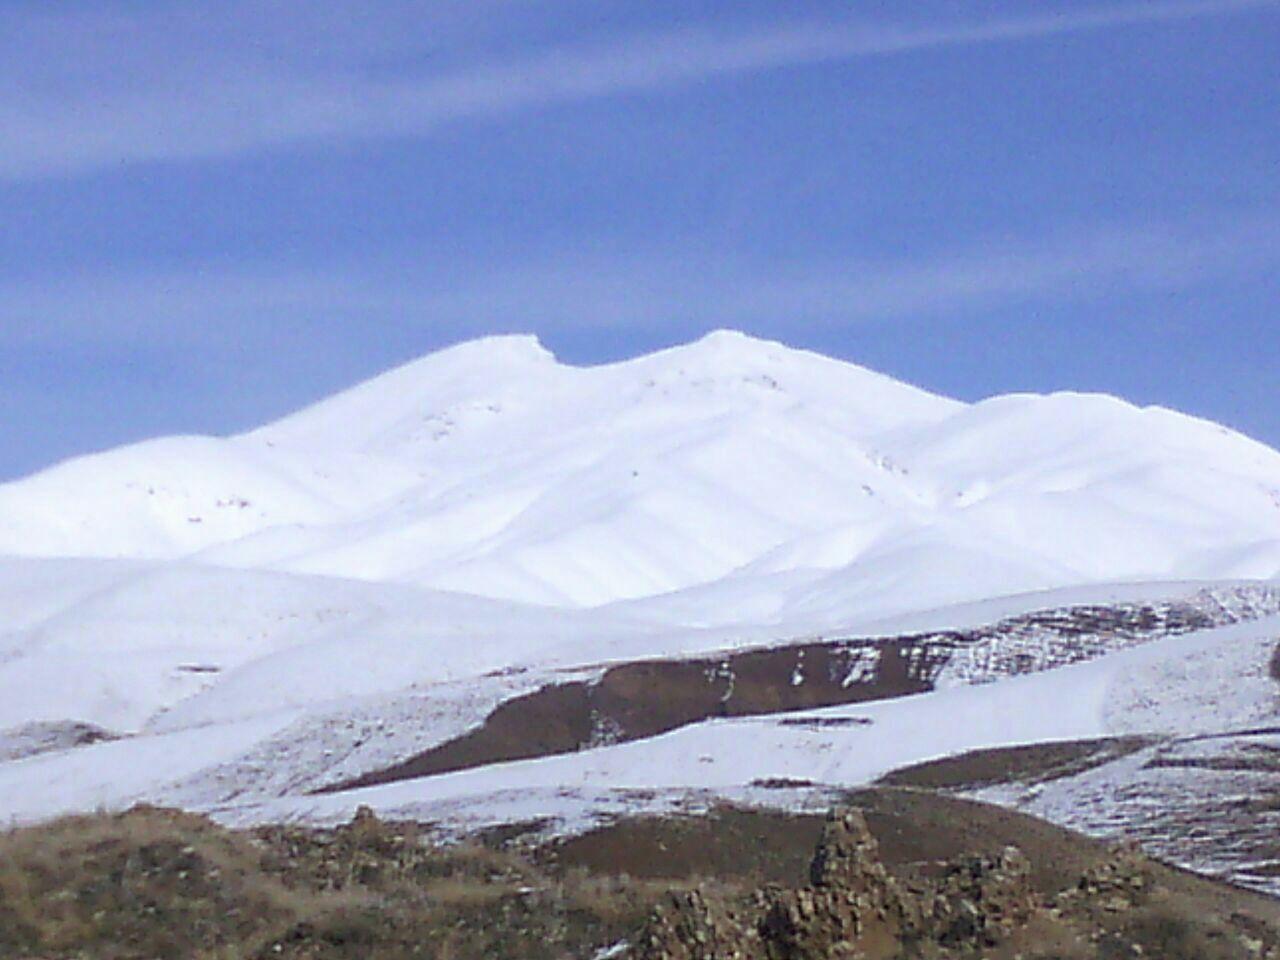 ۳ کوهنورد گنبدی مفقود شدند